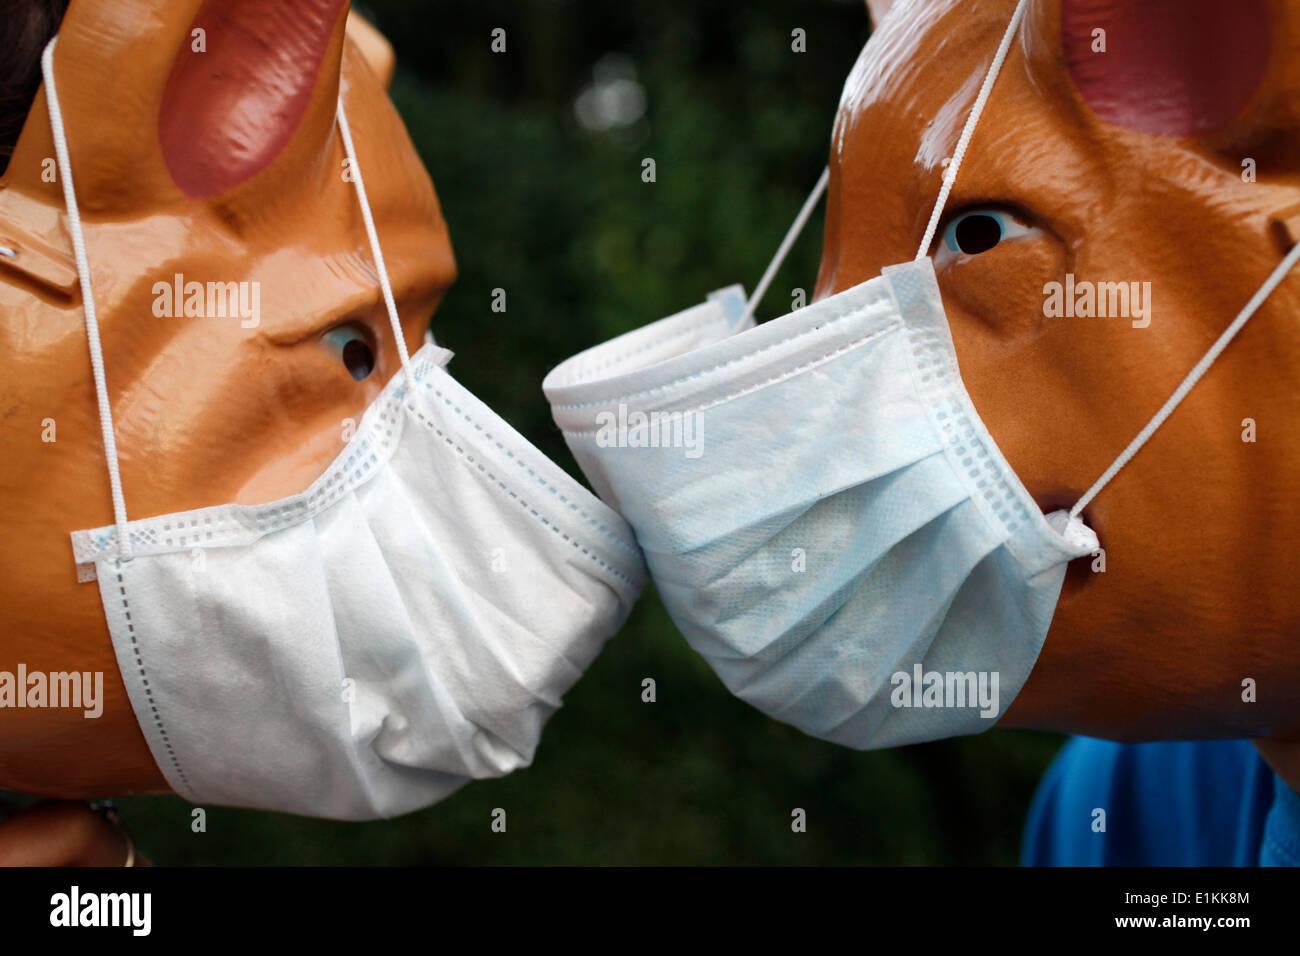 Children wearing pig masks and flu masks - Stock Image